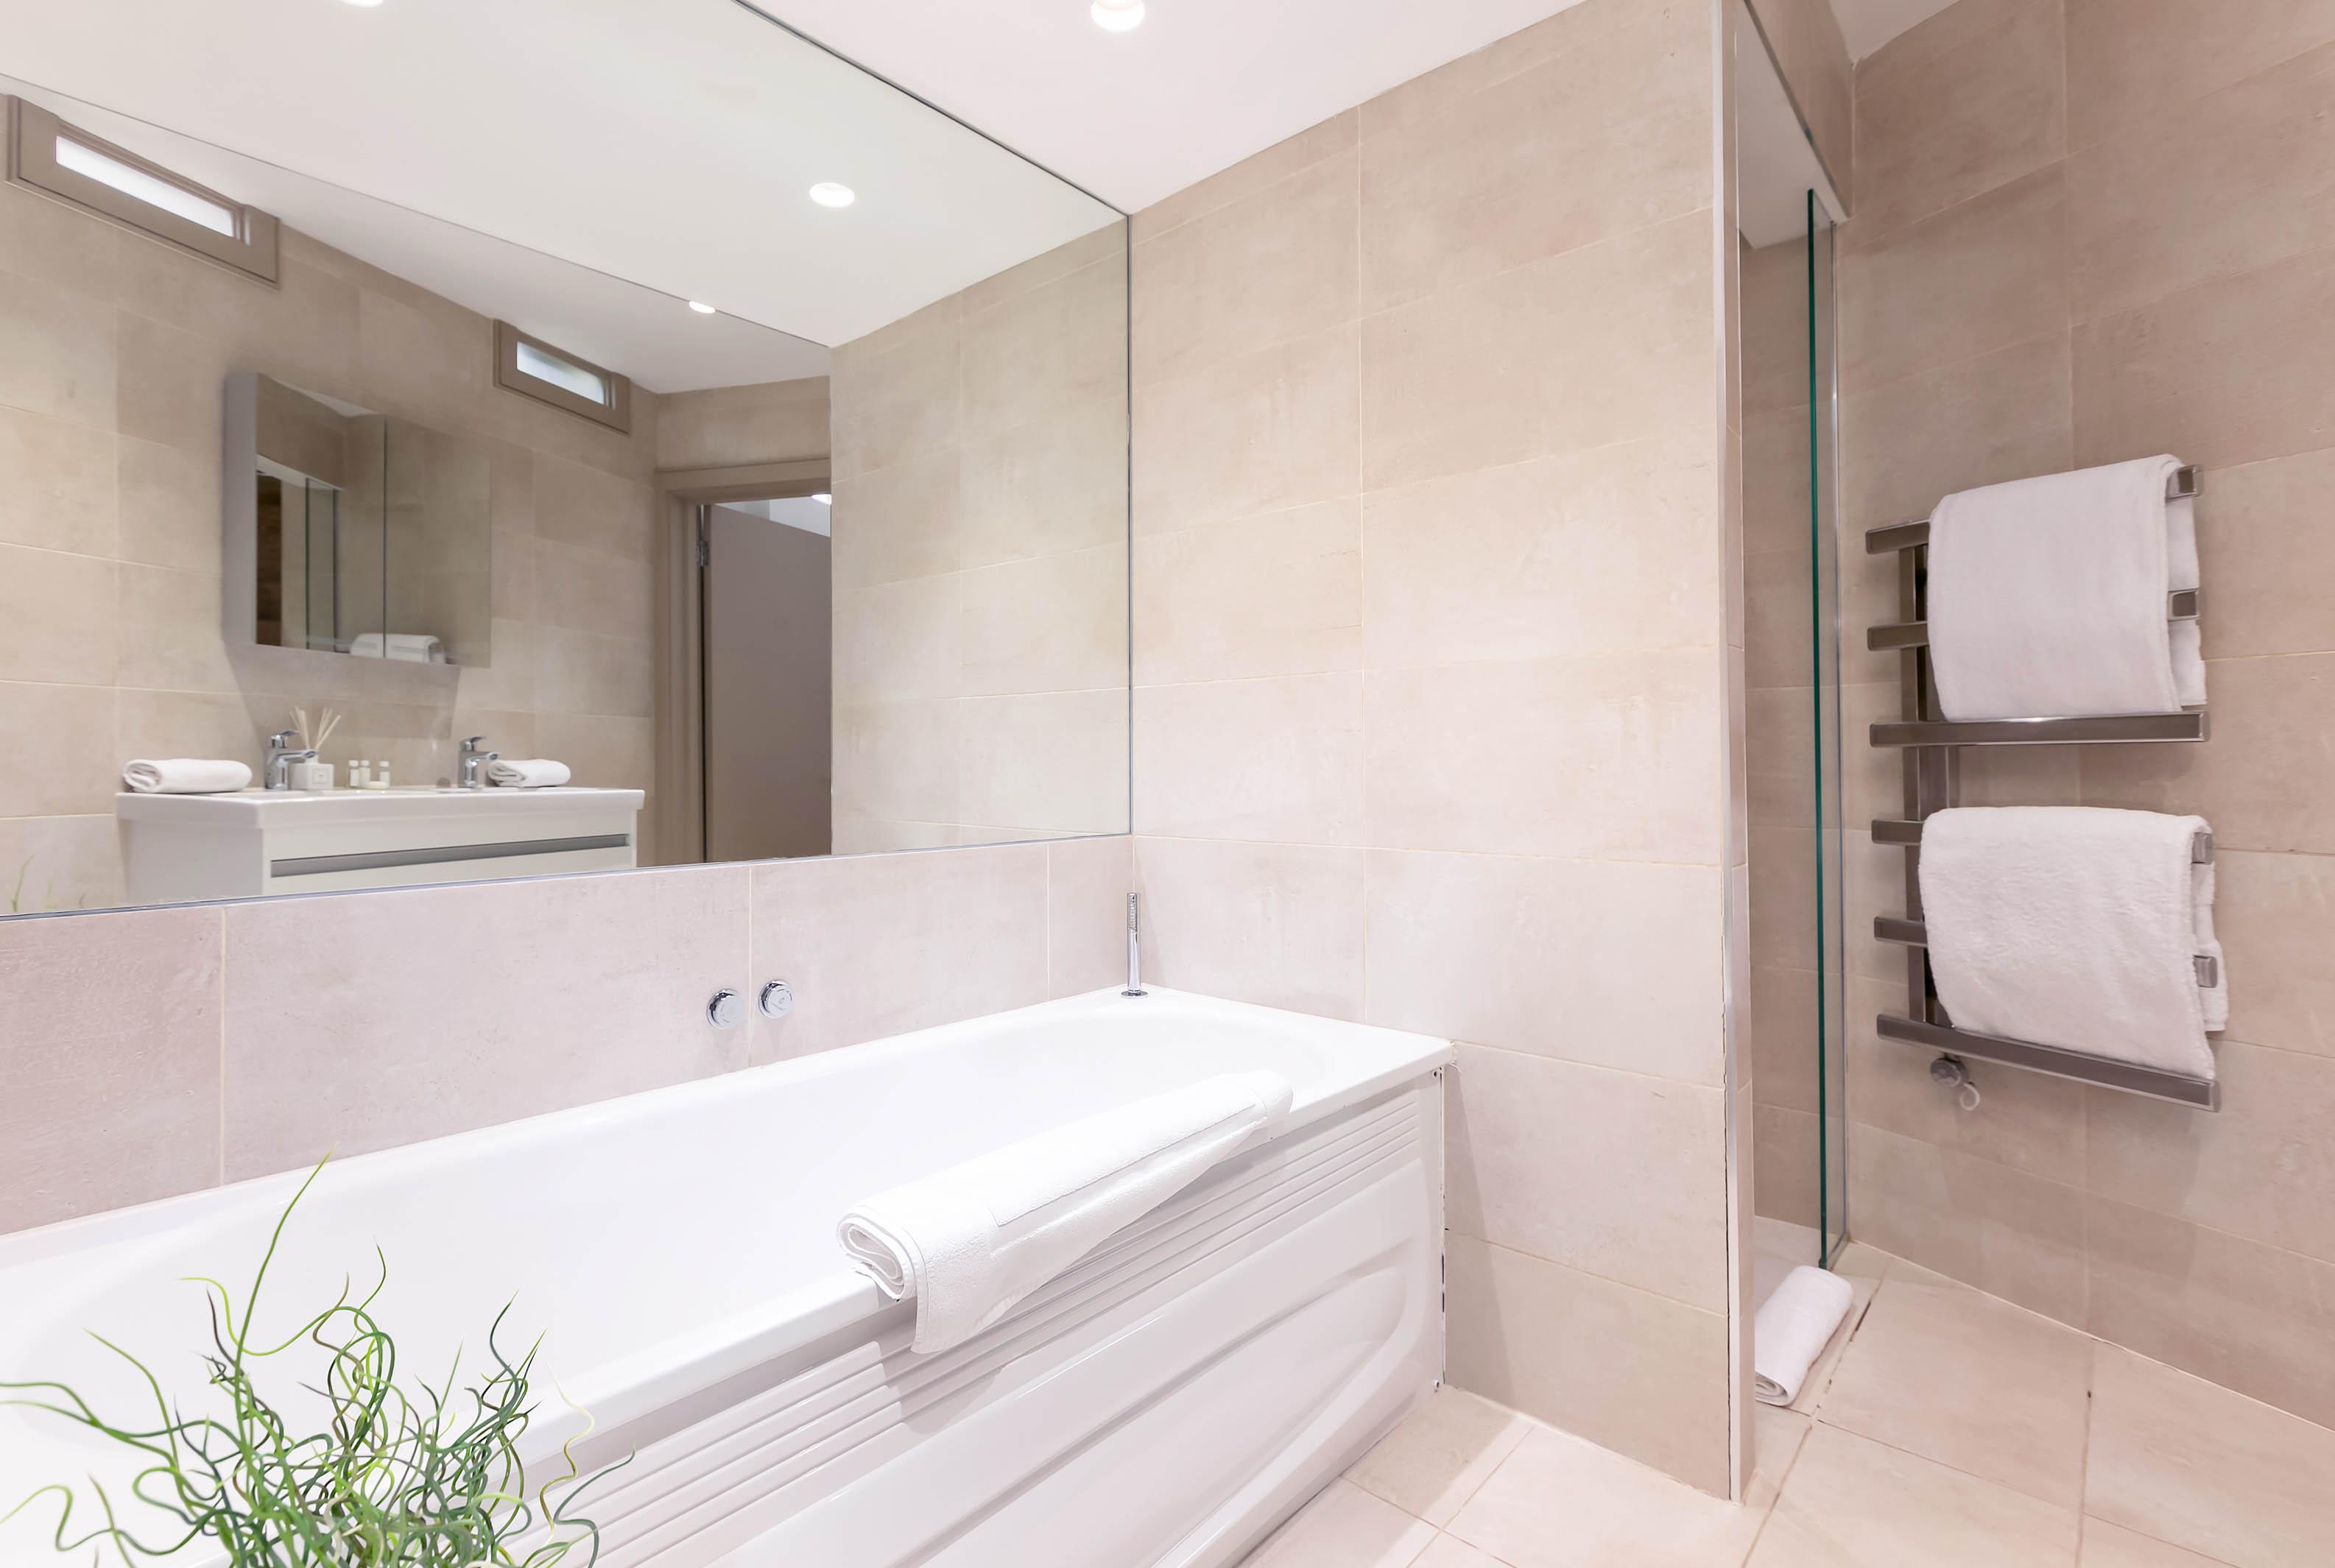 Lovelydays luxury service apartment rental - London - Fitzrovia - Wells Mews B - Lovelysuite - 2 bedrooms - 2 bathrooms - Beautiful bathtub - 843662cdcc2a - Lovelydays